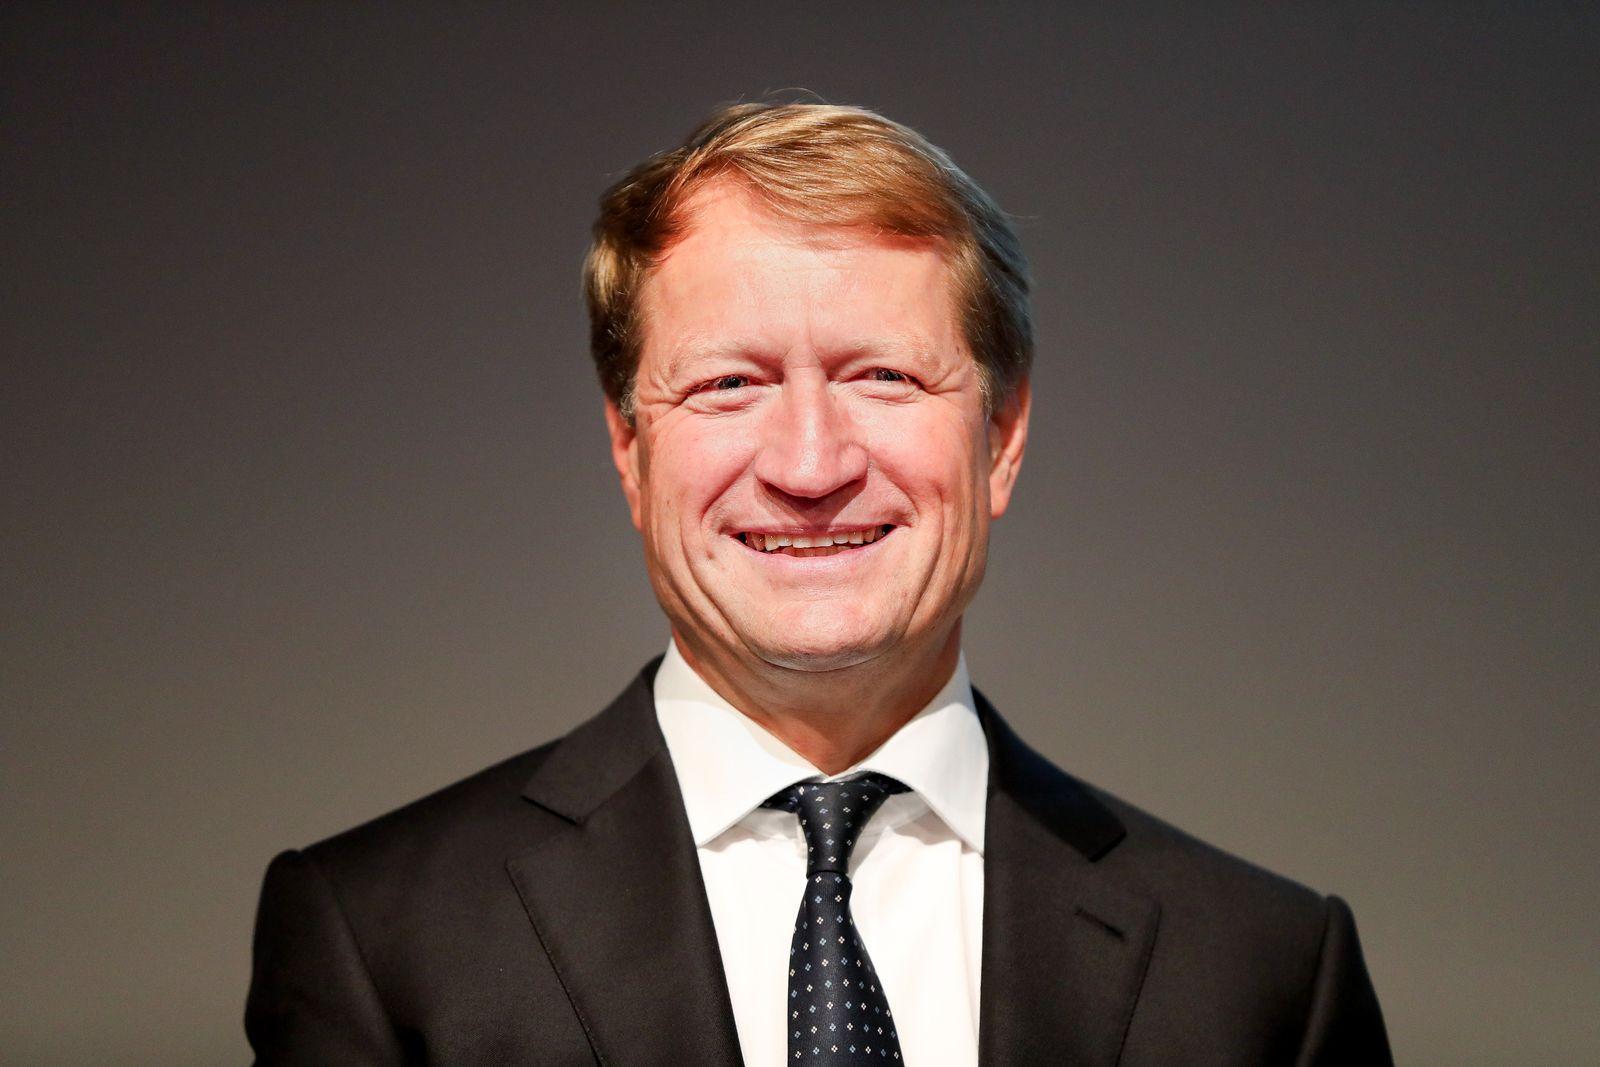 Ulrich Wilhelm